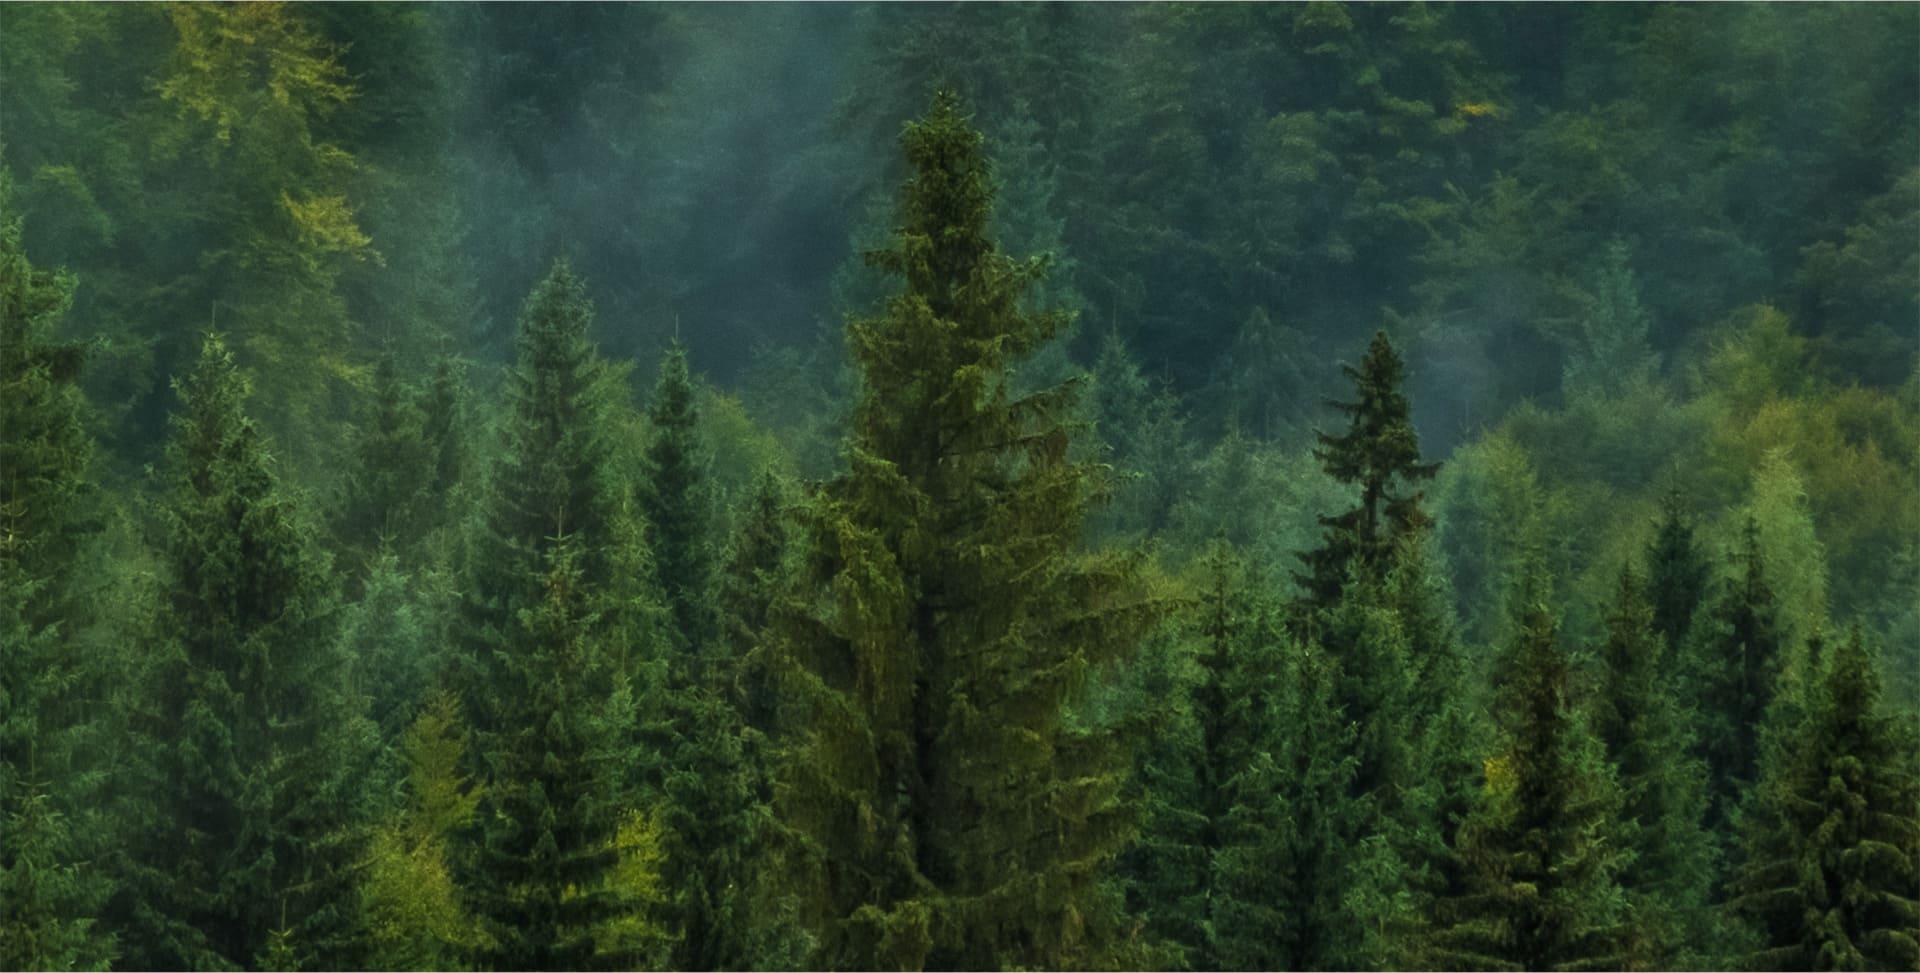 kiri forest